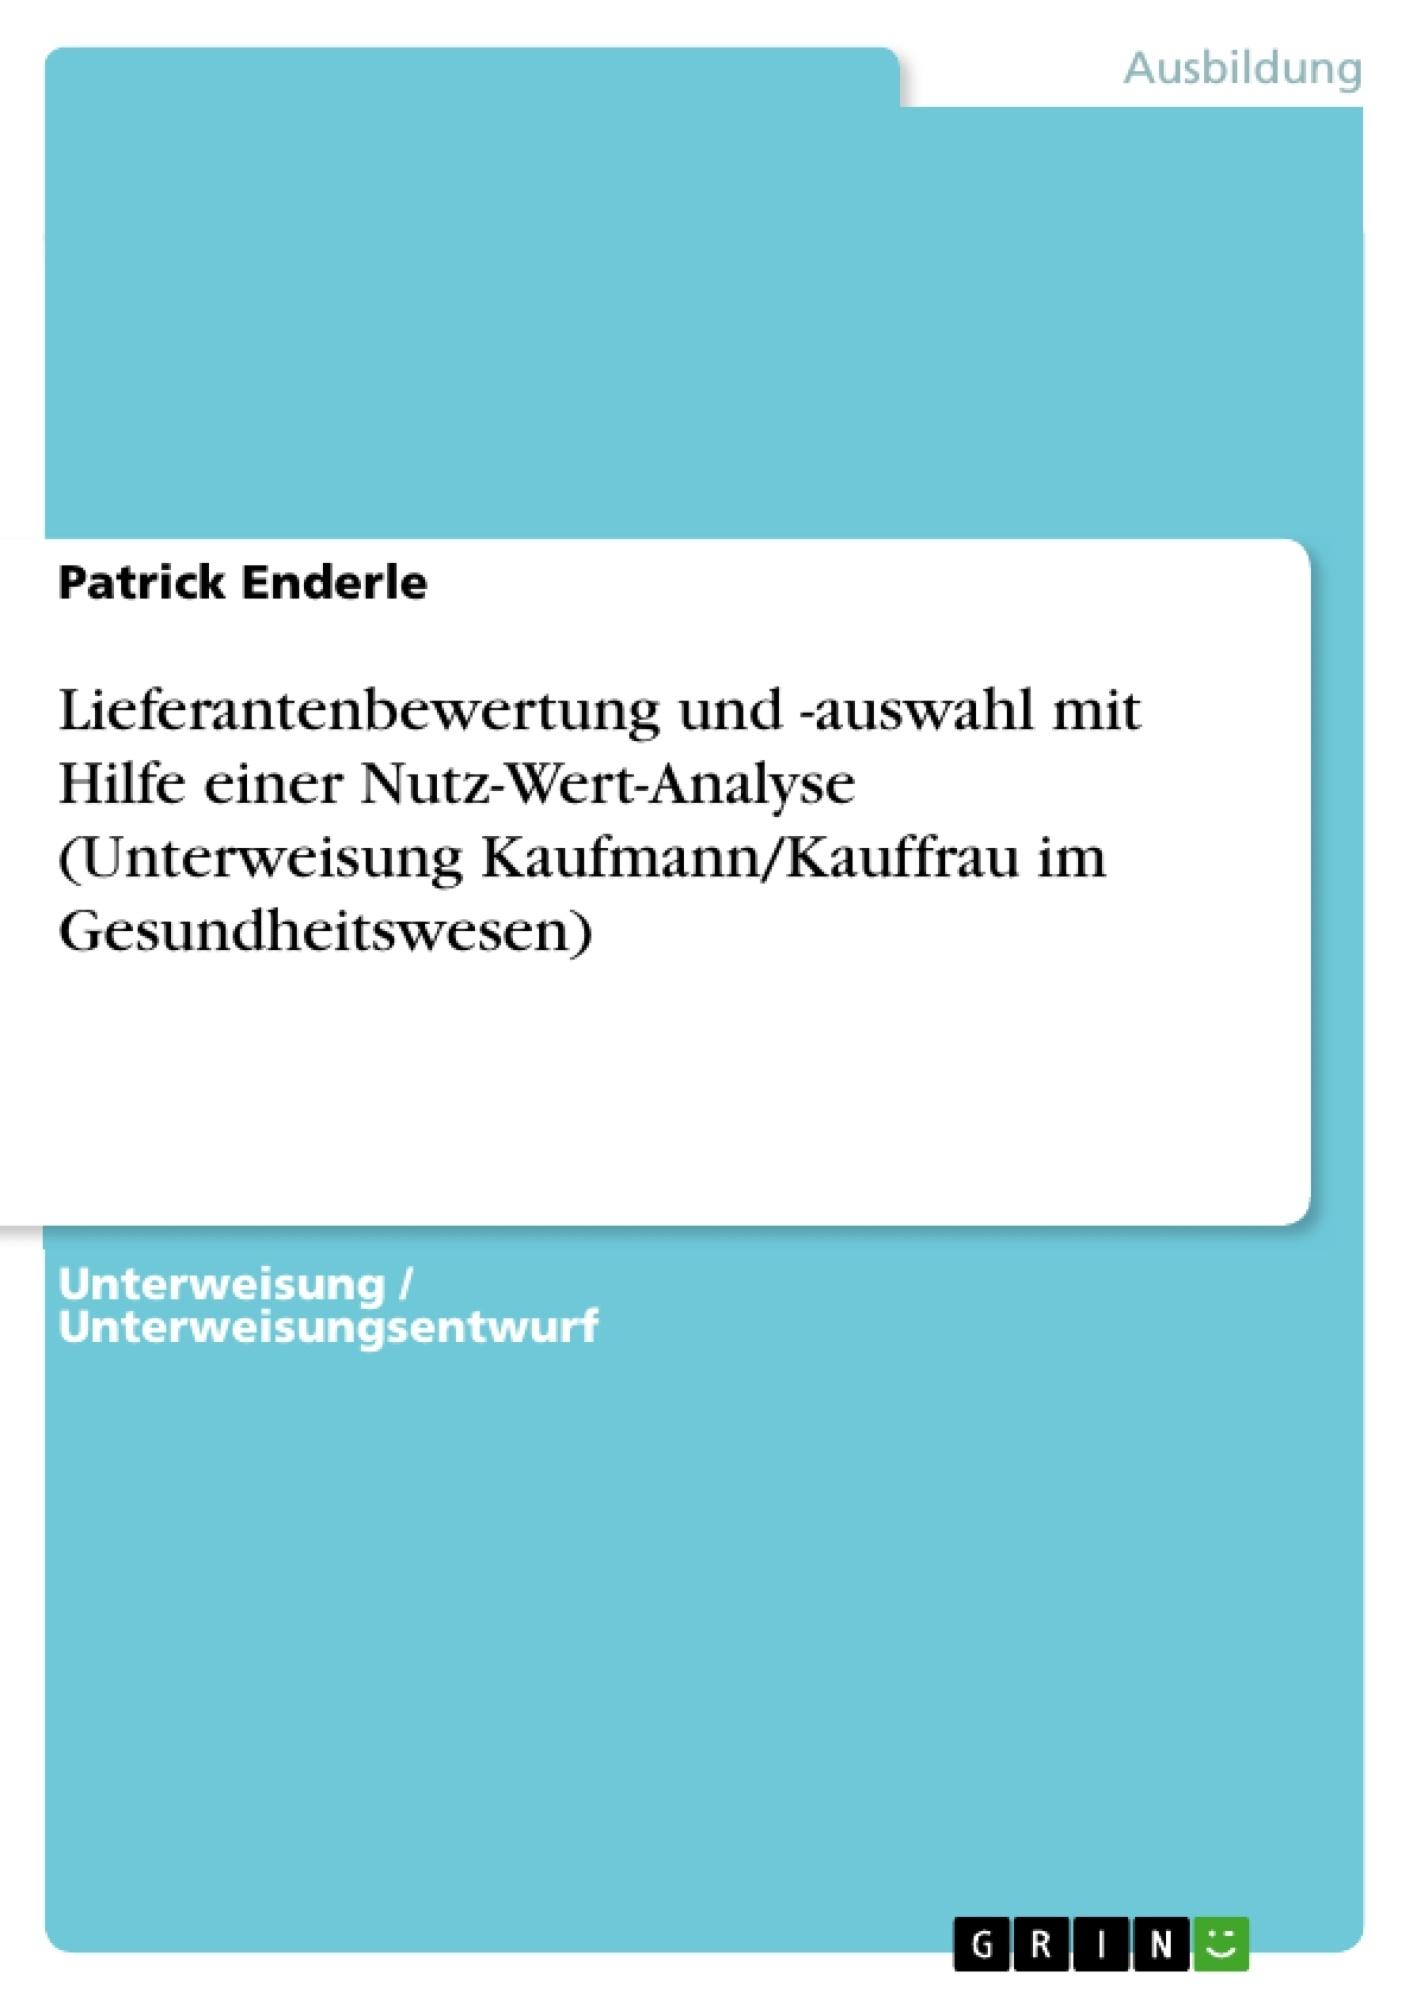 Titel: Lieferantenbewertung und -auswahl mit Hilfe einer Nutz-Wert-Analyse (Unterweisung Kaufmann/Kauffrau im Gesundheitswesen)